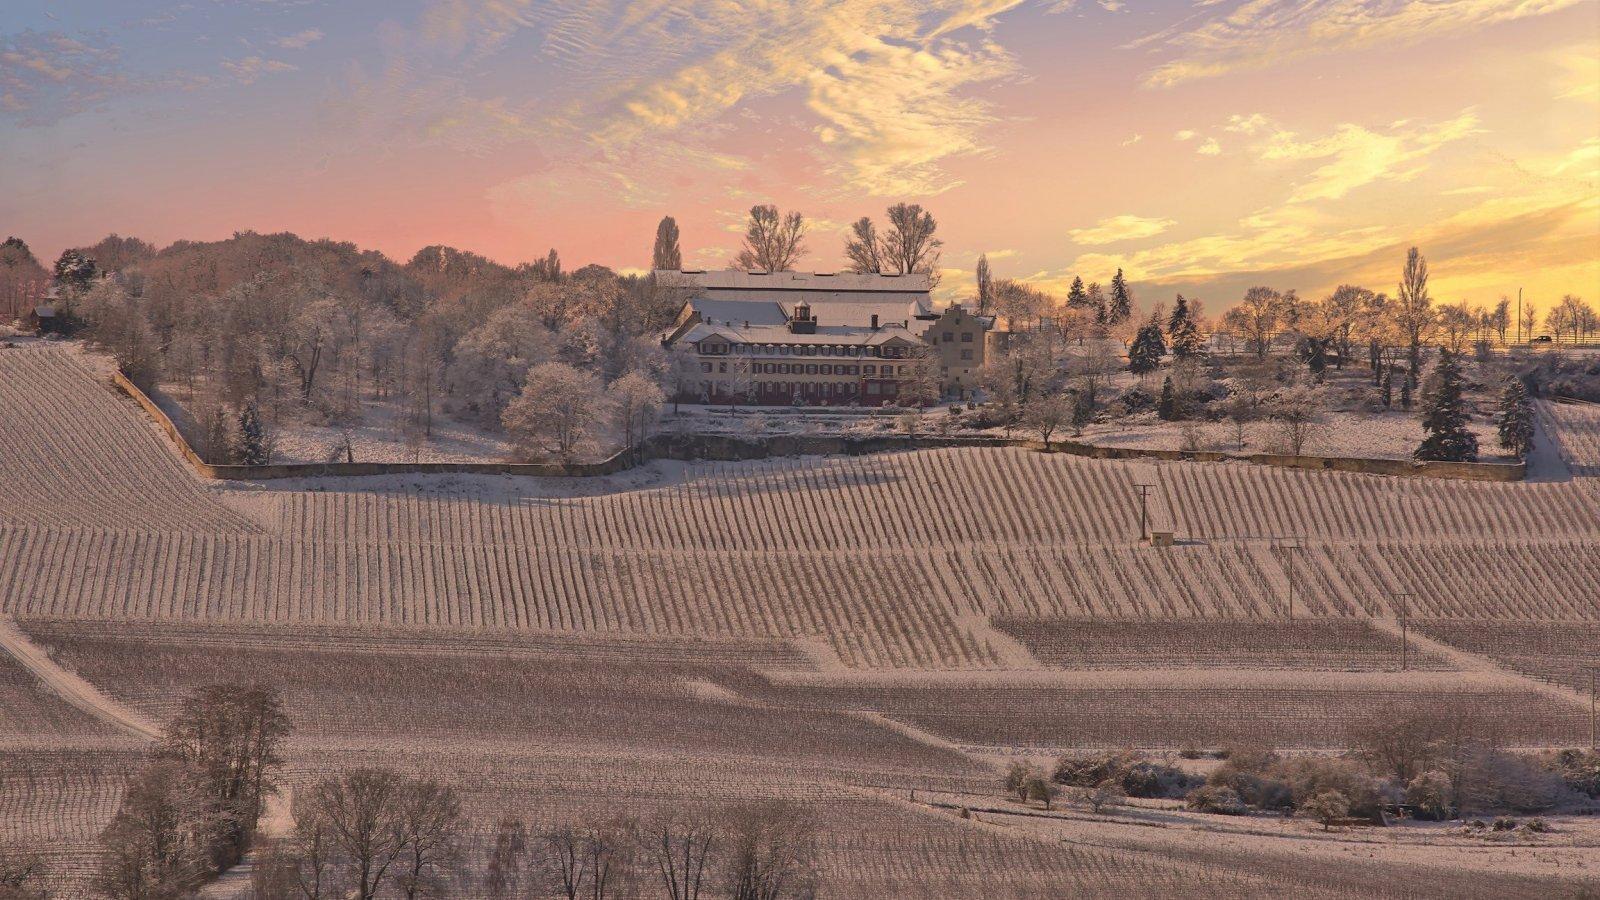 Bilder_R_Oppenheimer/WinterSchlossWesterhaus.jpg